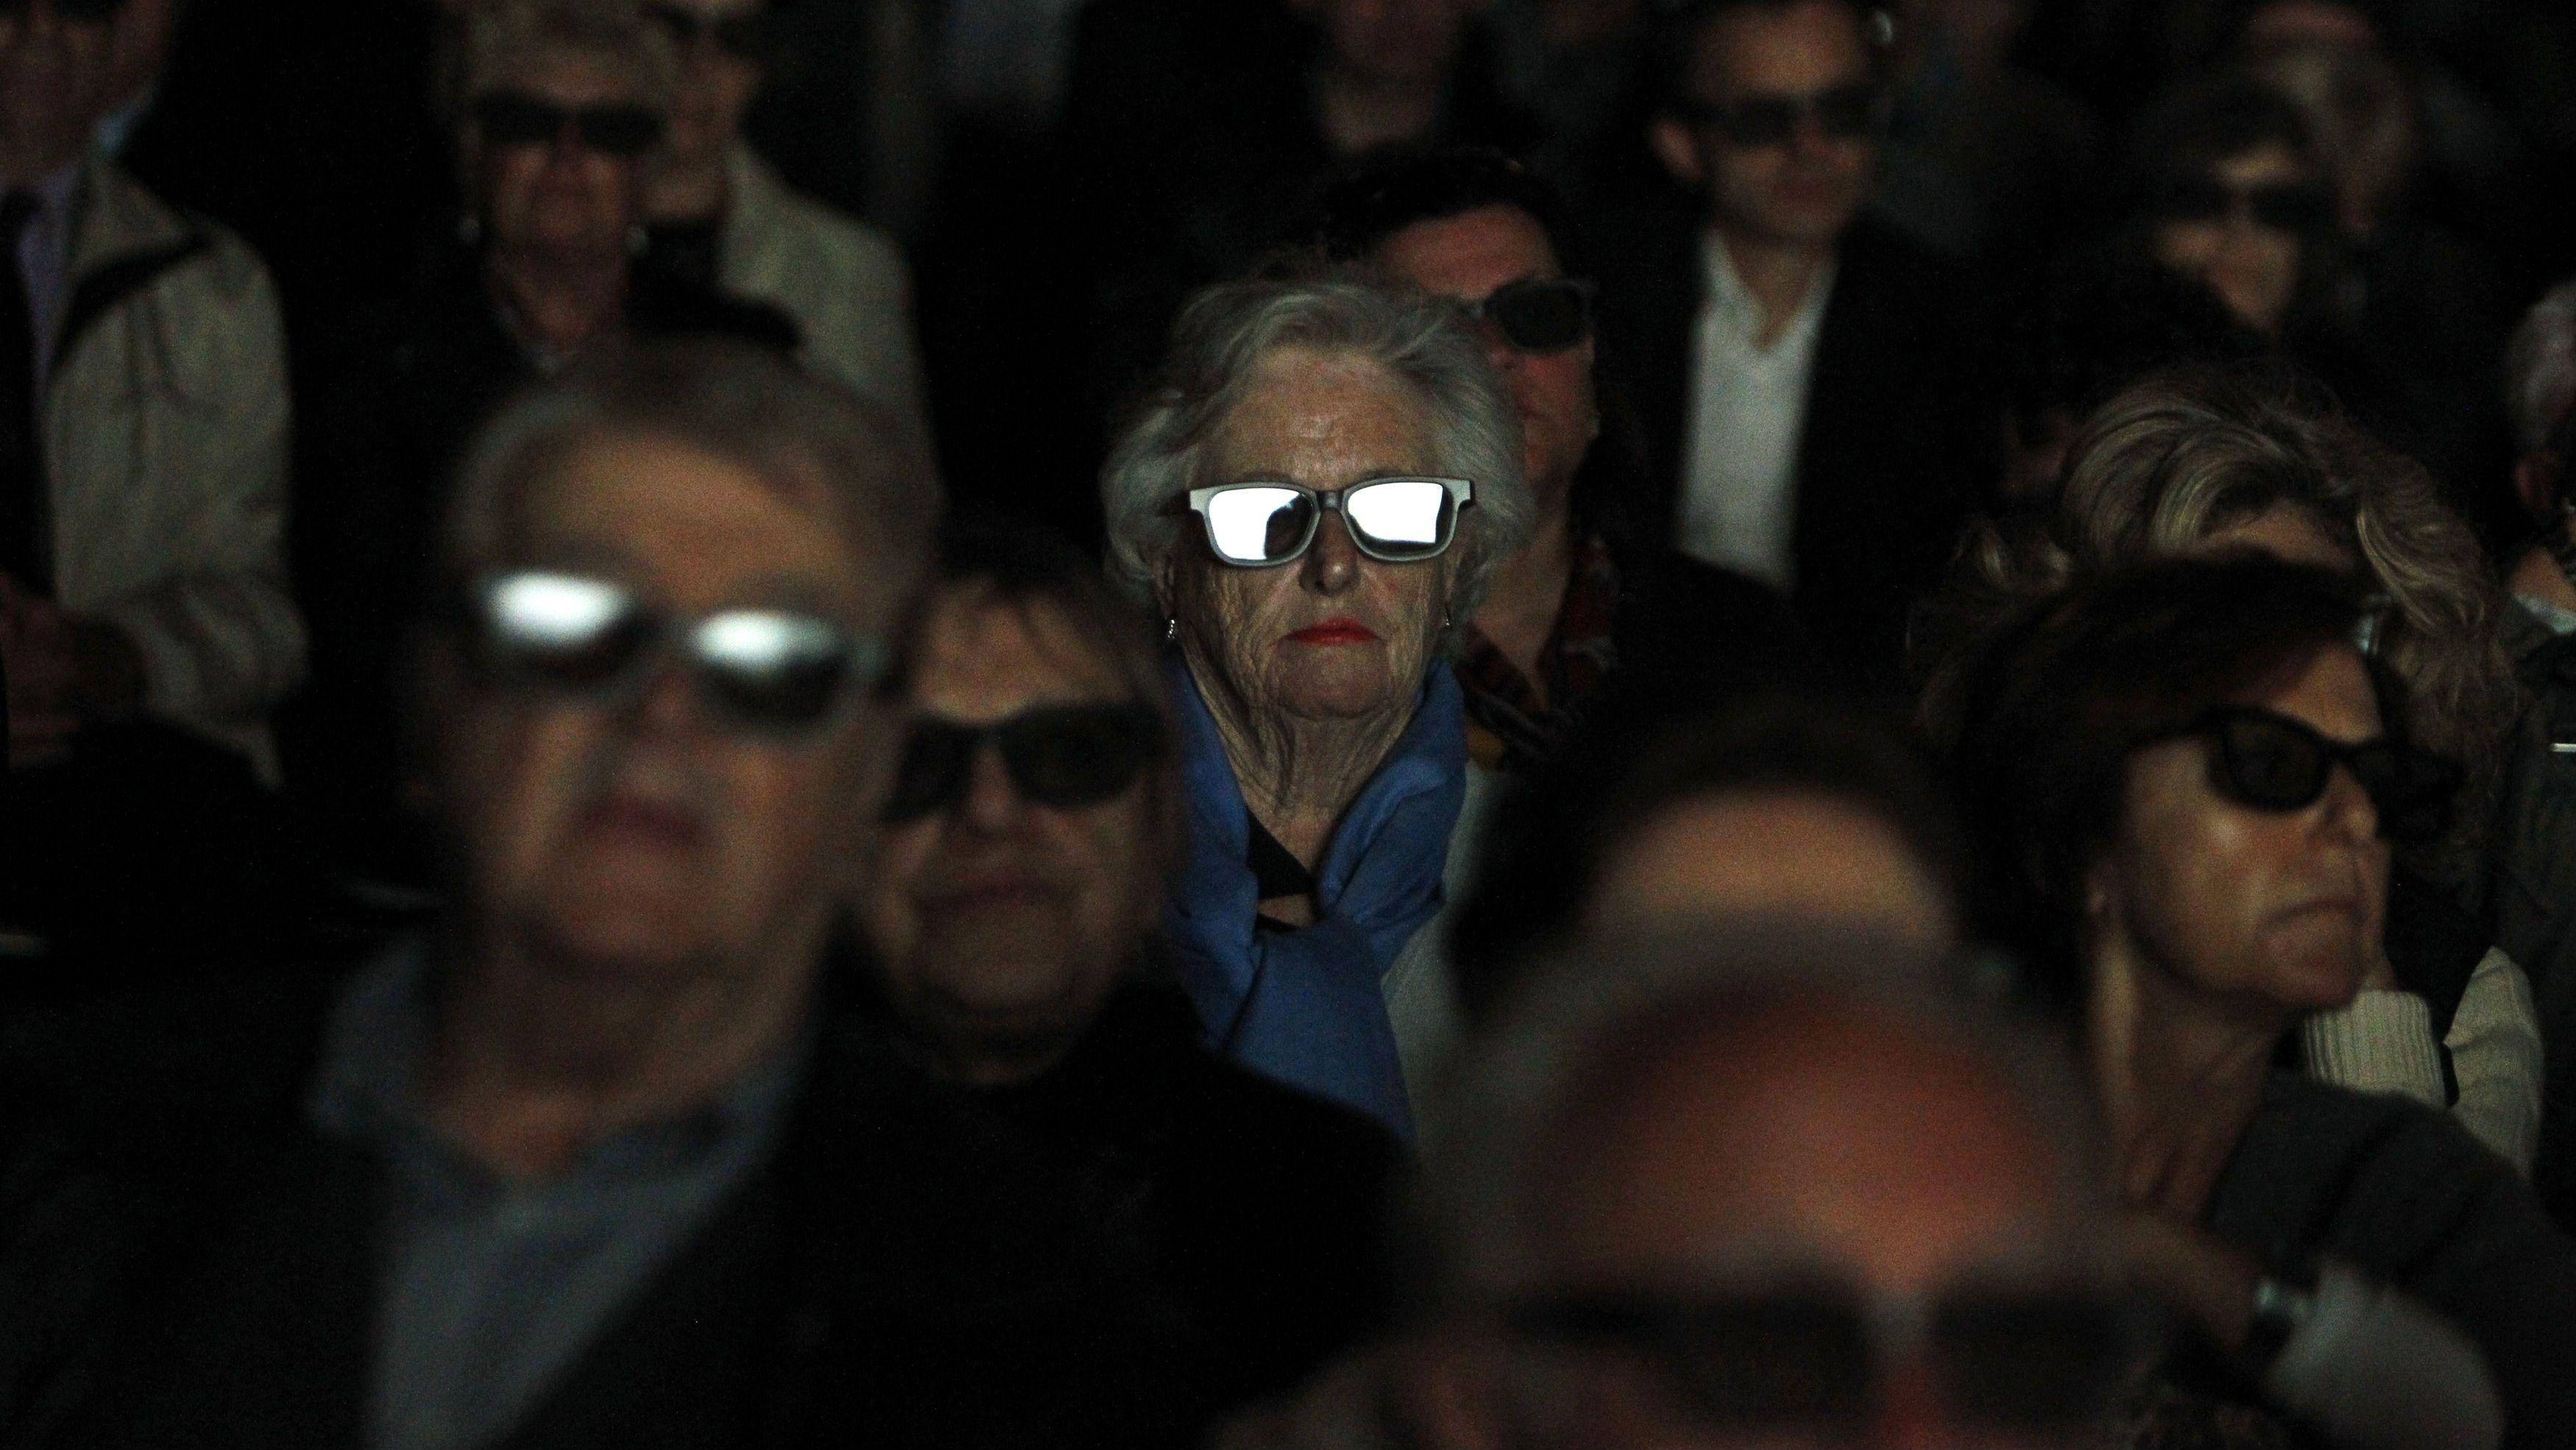 Elderly people in a cinema